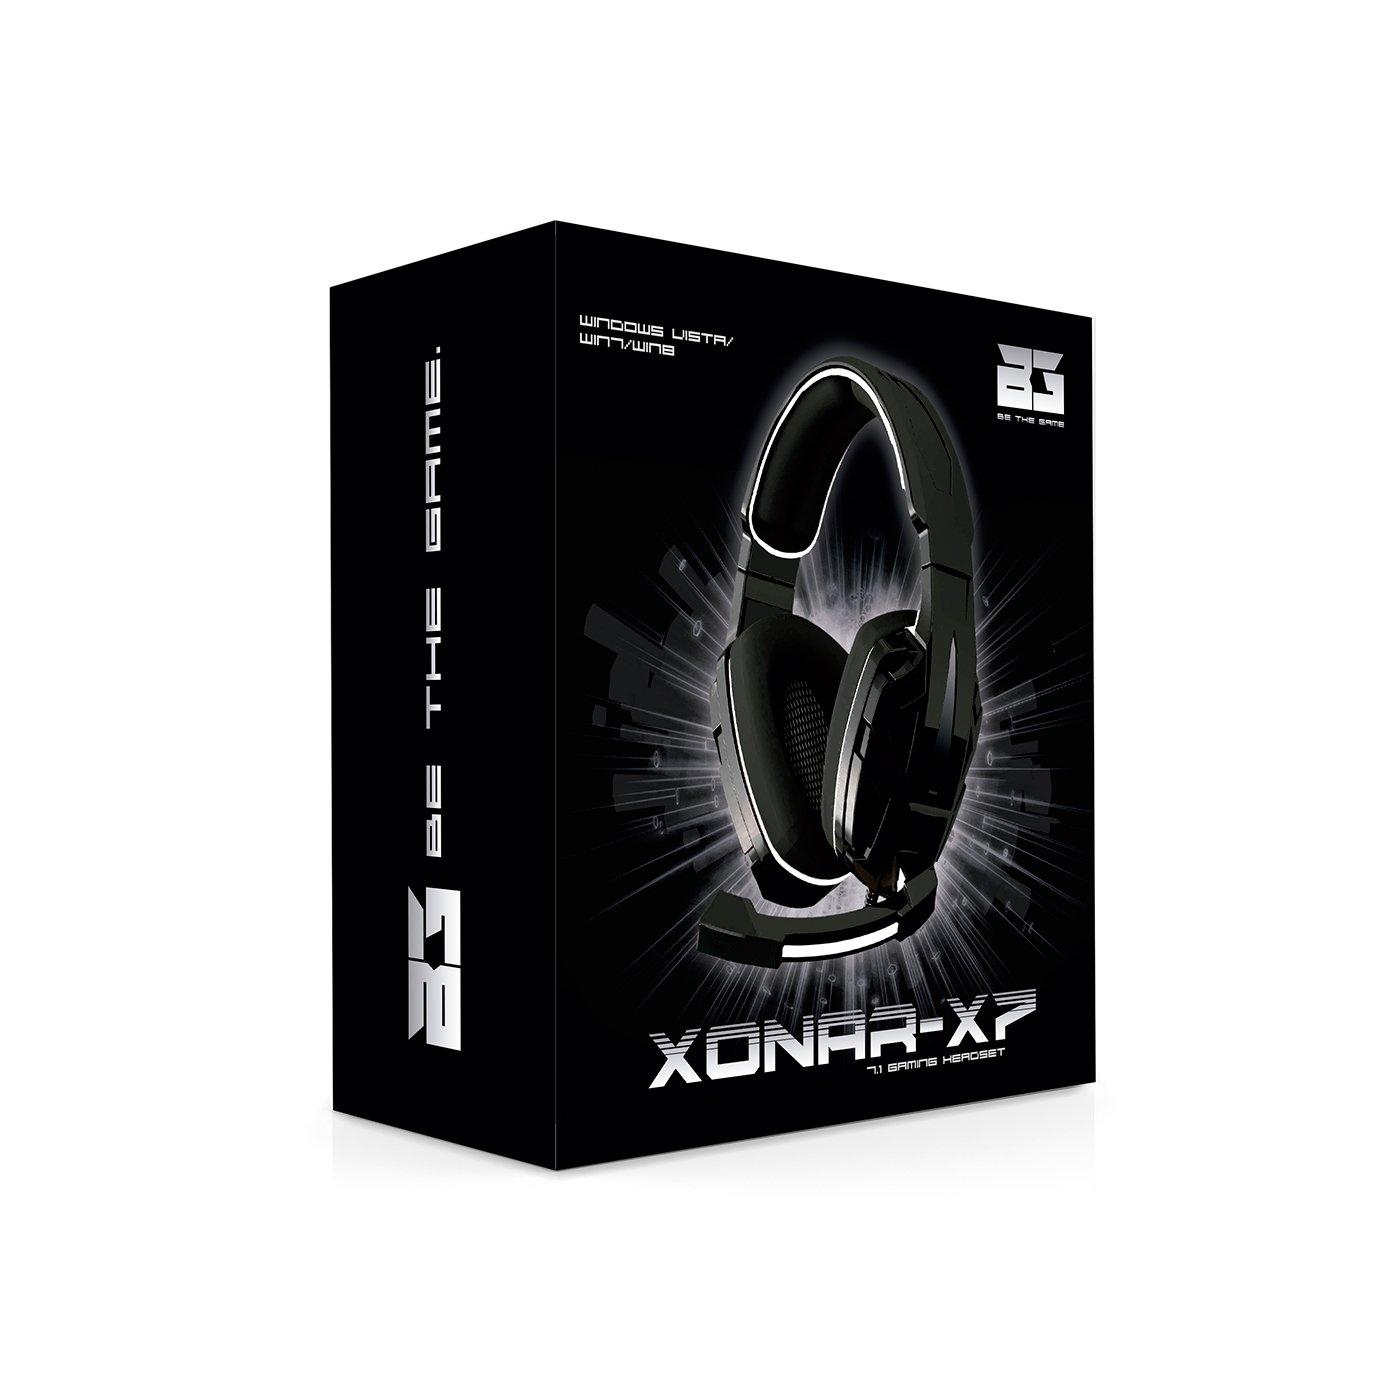 BG-Gaming Xonar-X7 - Auriculares de Diadema Cerrados Gaming: Amazon.es: Electrónica